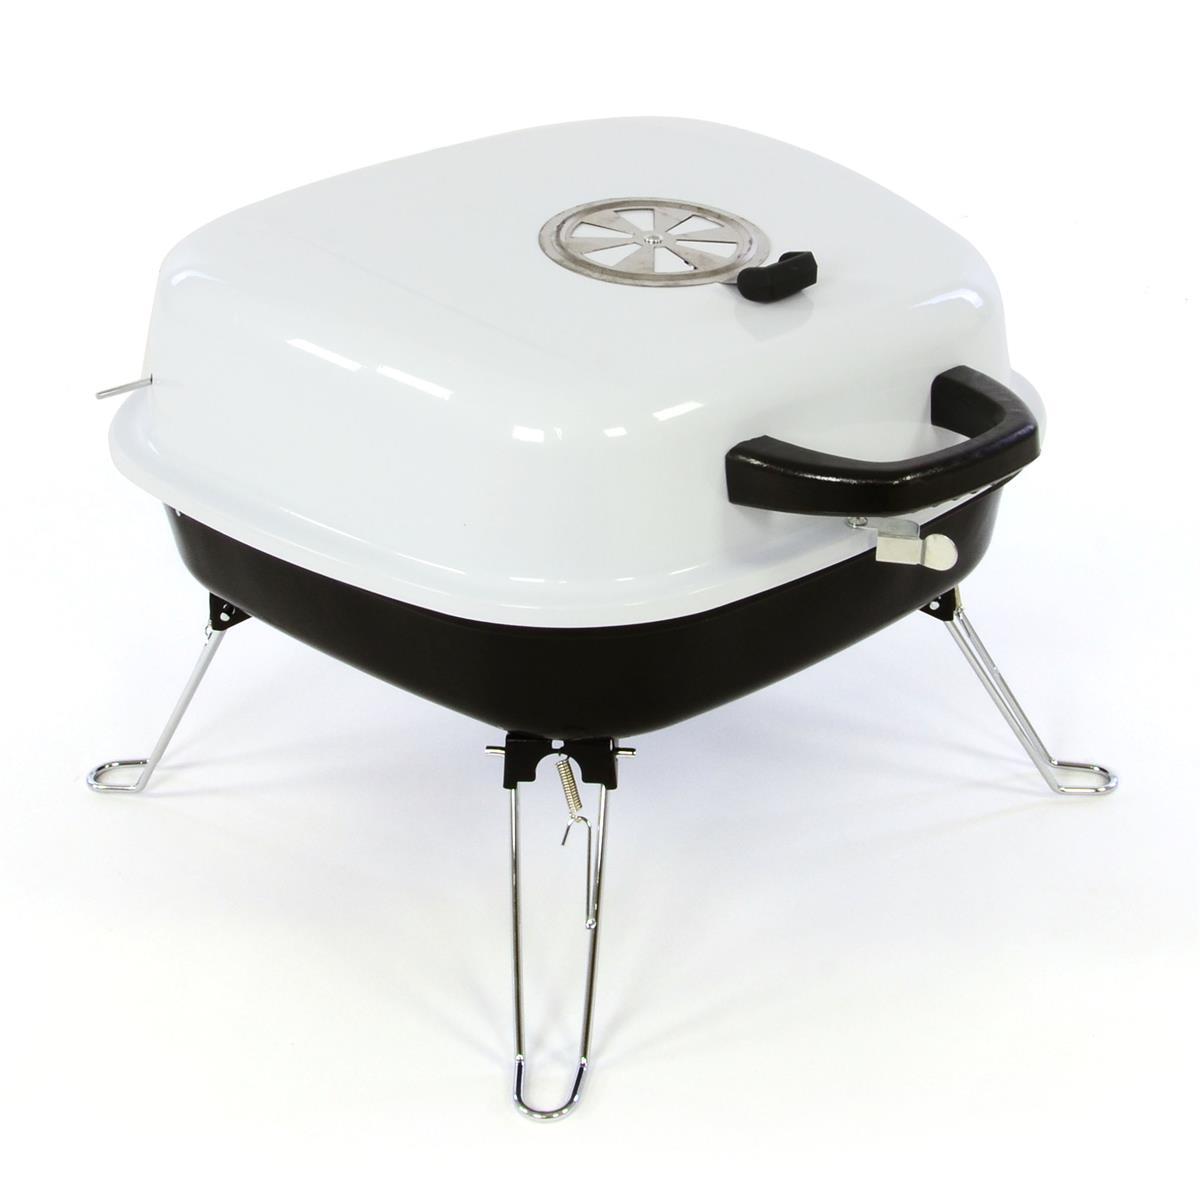 Koffergrill Holzkohlegrill BBQ Partygrill Minigrill weiß Barbecue